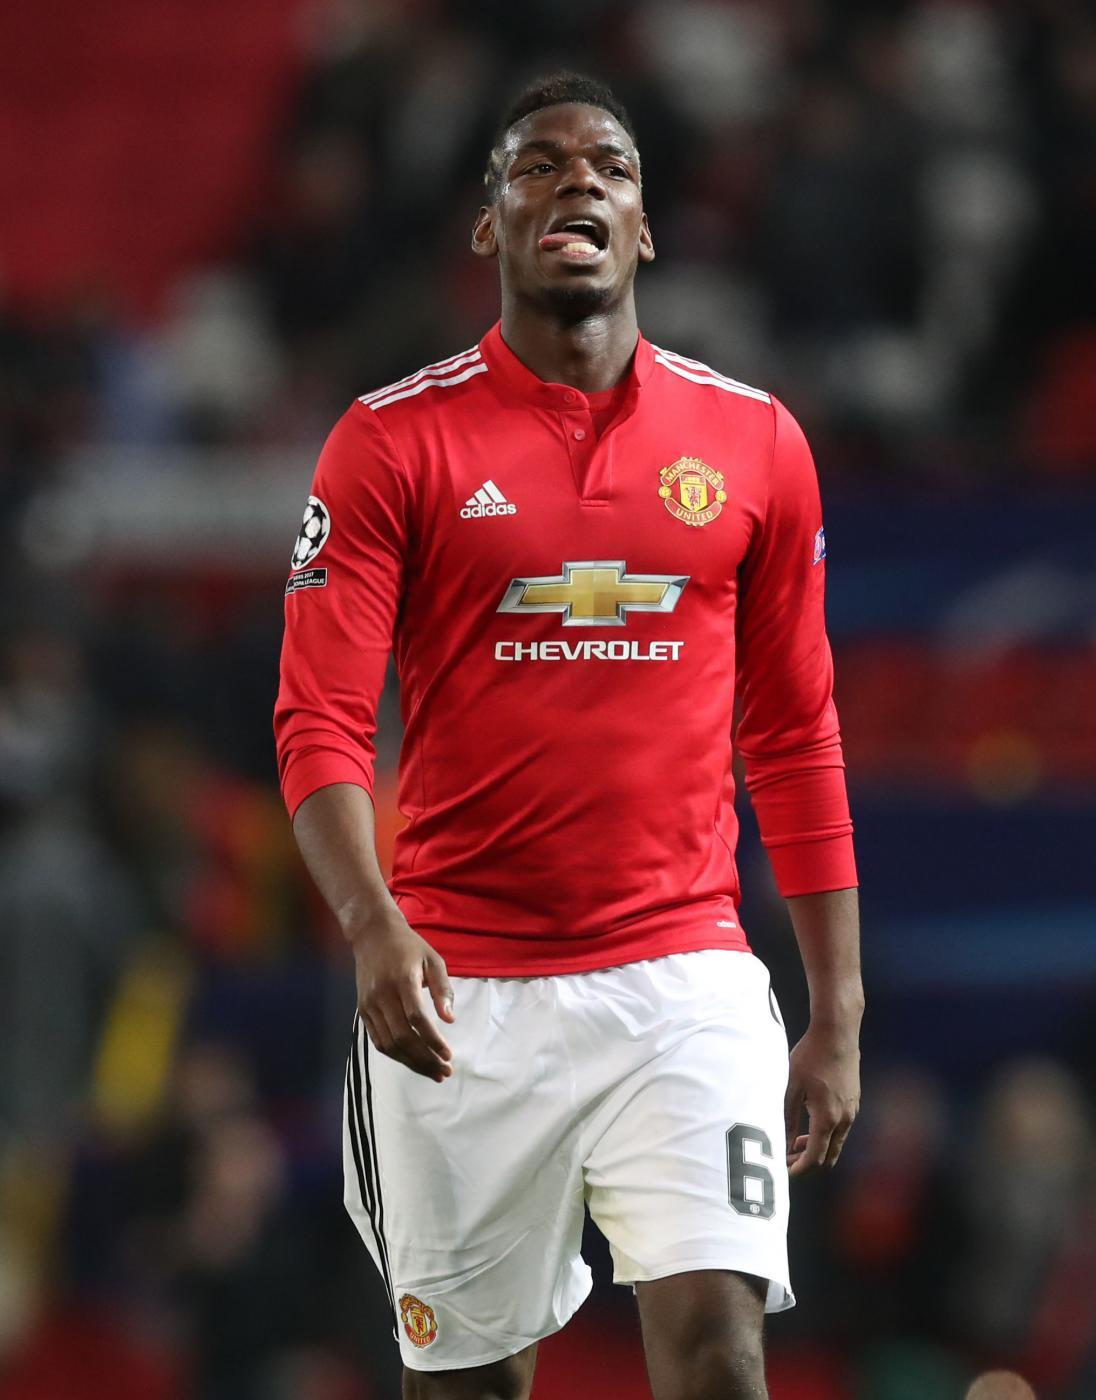 Pogba (Manchester United) - 130 milioni:  nonostante una stagione non brillante, il costo del francese resta altissimo. Il Real Madrid è ancora interessato a portarlo al Bernabeu